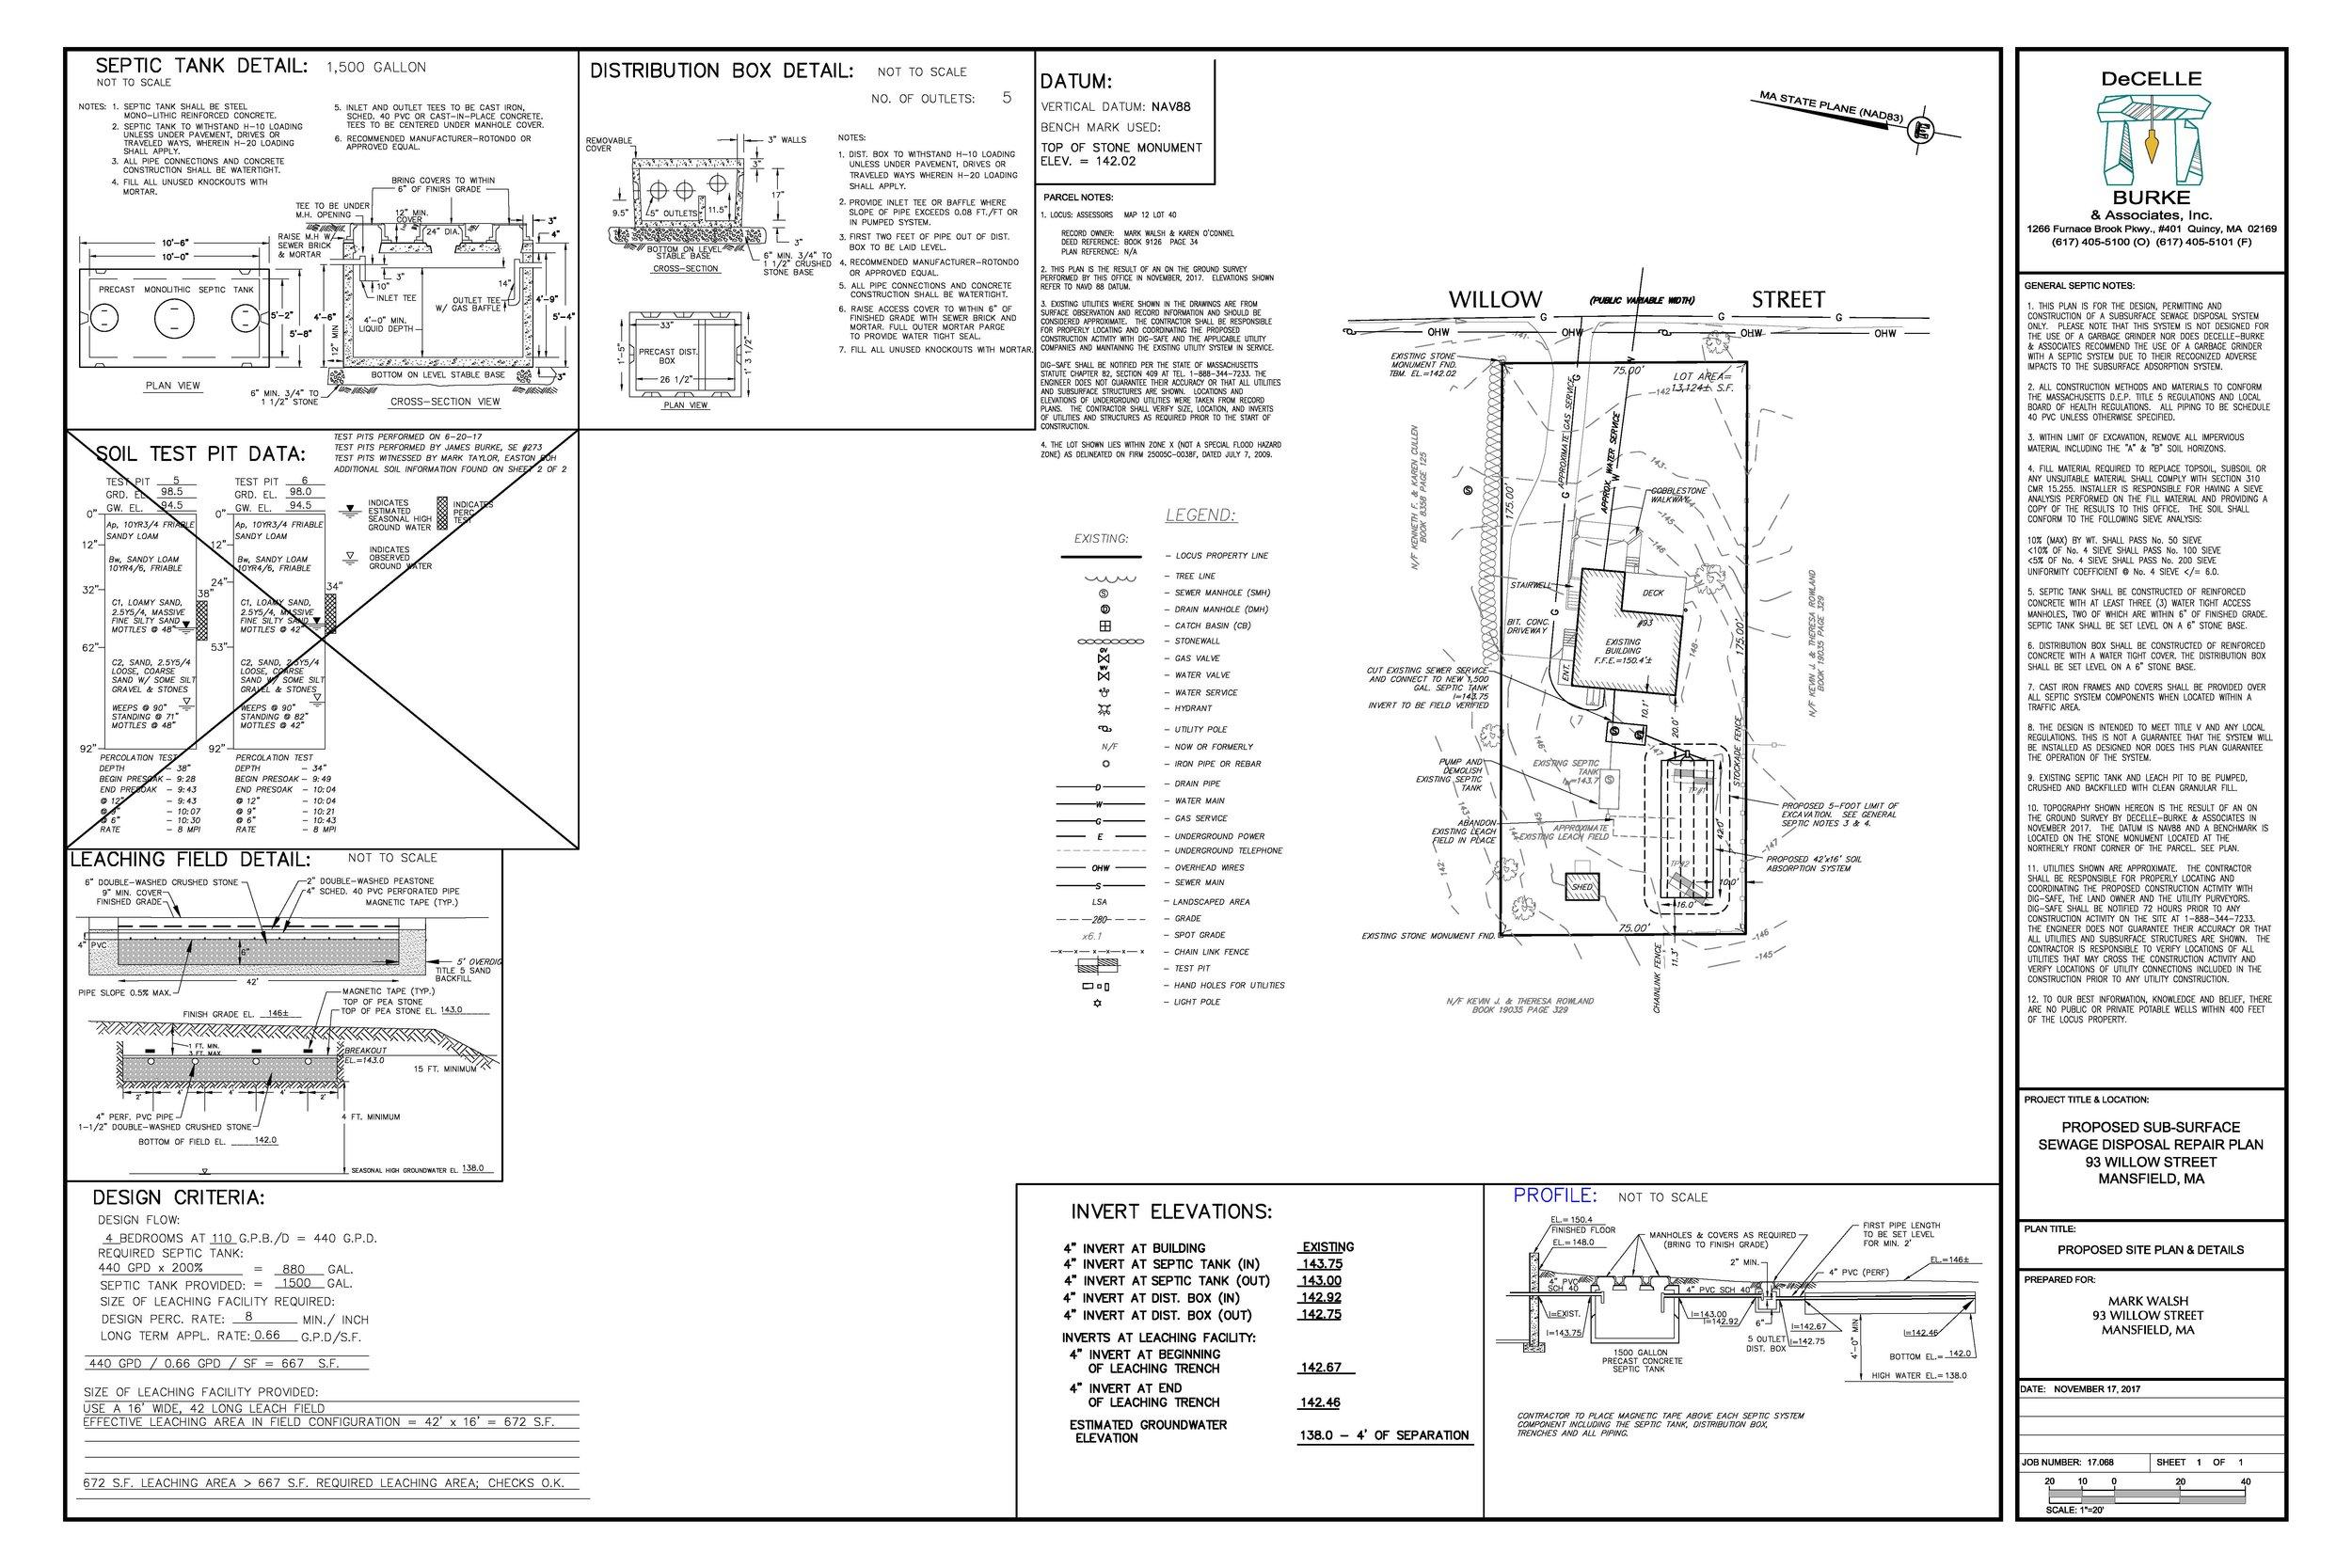 93 Willow septic plan.jpg